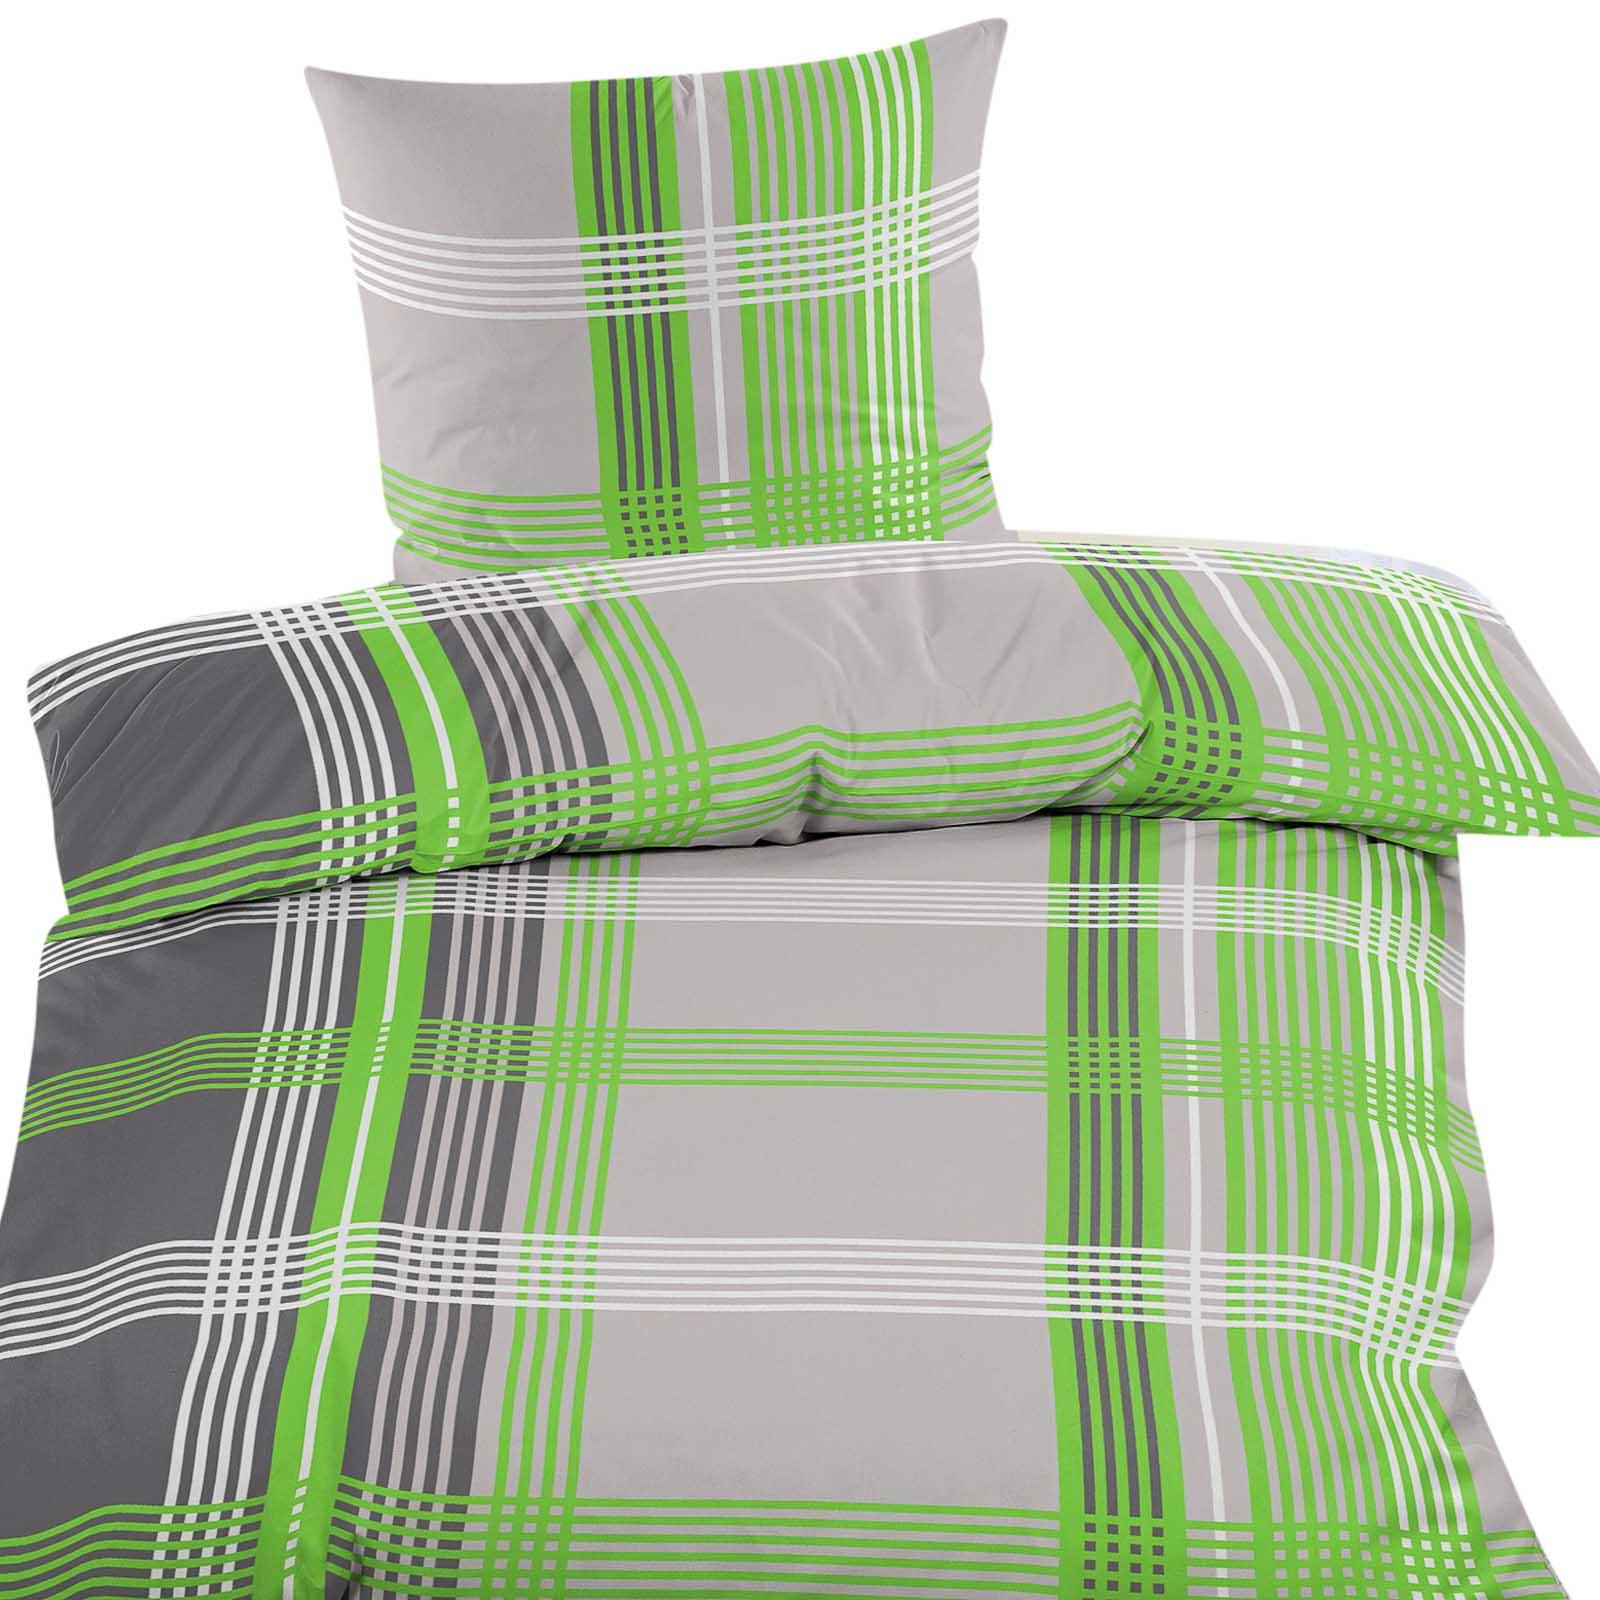 kuschelige feinbiber bettw sche 135x200 80x80cm 4 sch ne motive ebay. Black Bedroom Furniture Sets. Home Design Ideas